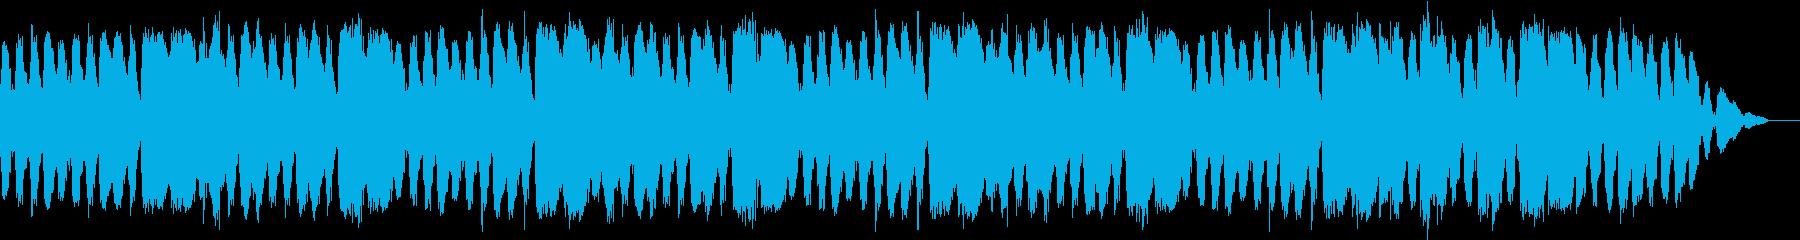 涼し気なサウンドの安らぎ音楽の再生済みの波形